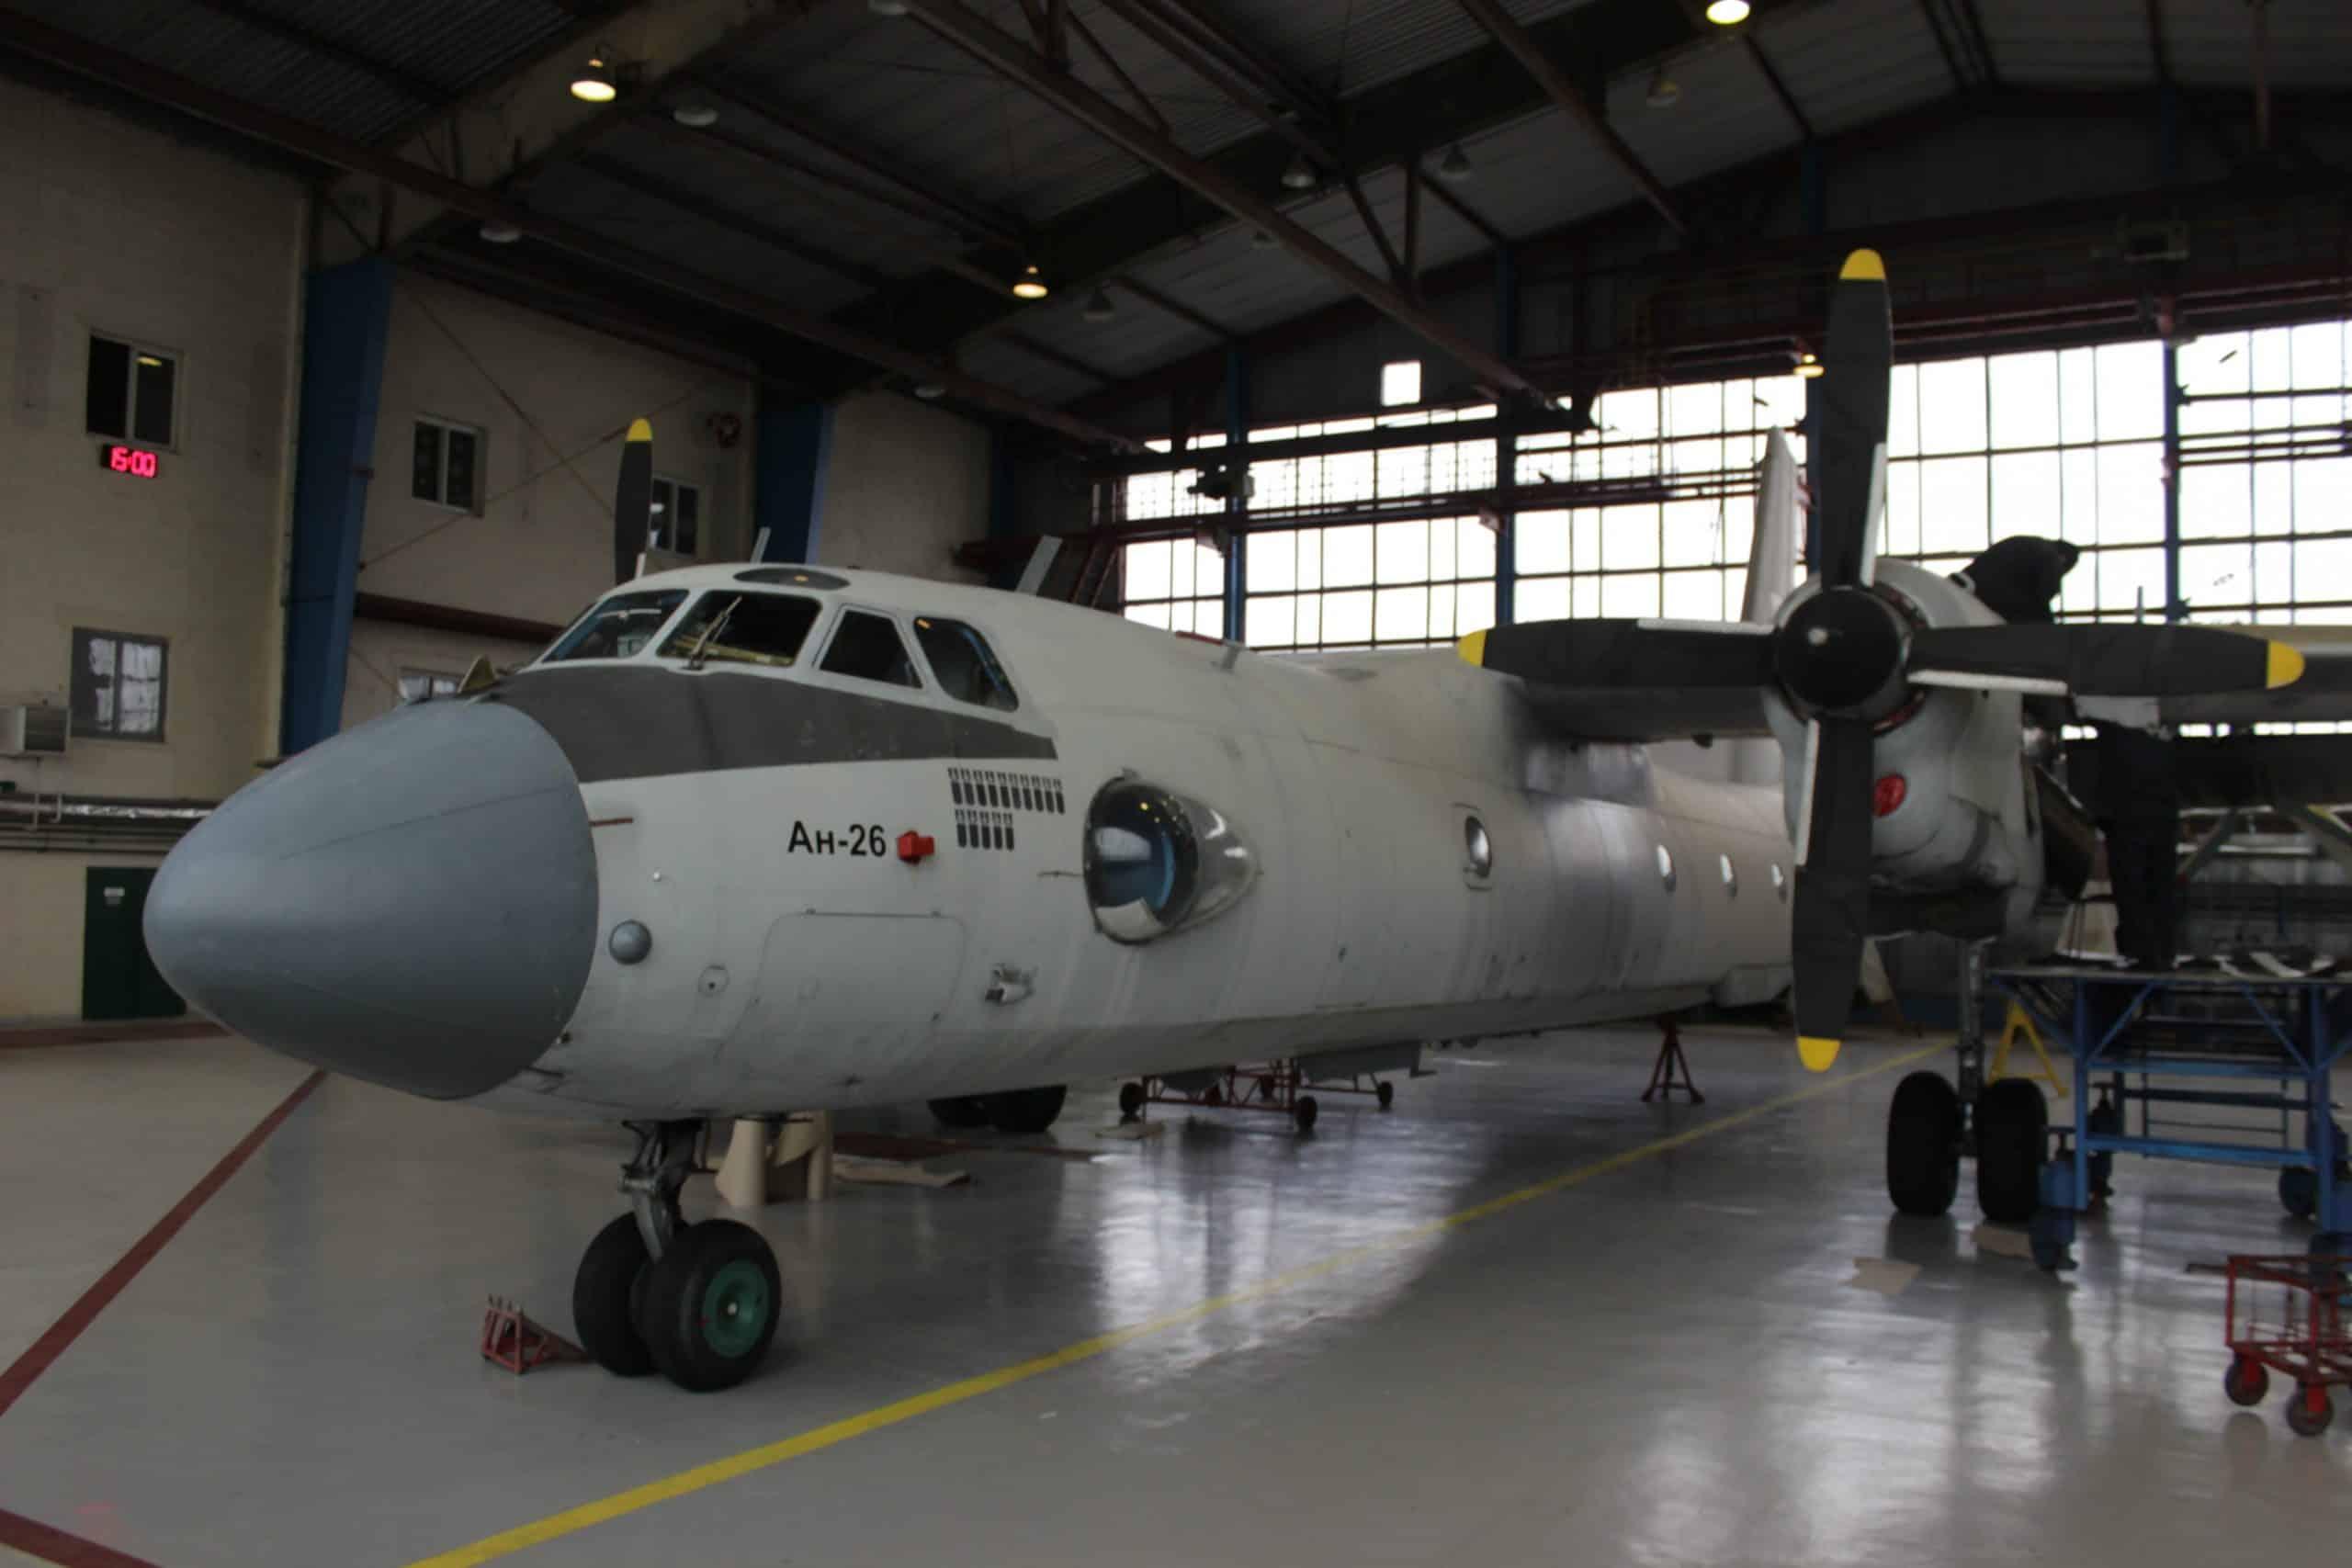 Літак Ан-26 ДНДЦ ПС ЗСУ на підприємстві 410 заводі цивільної авіації у лютому 2018 року